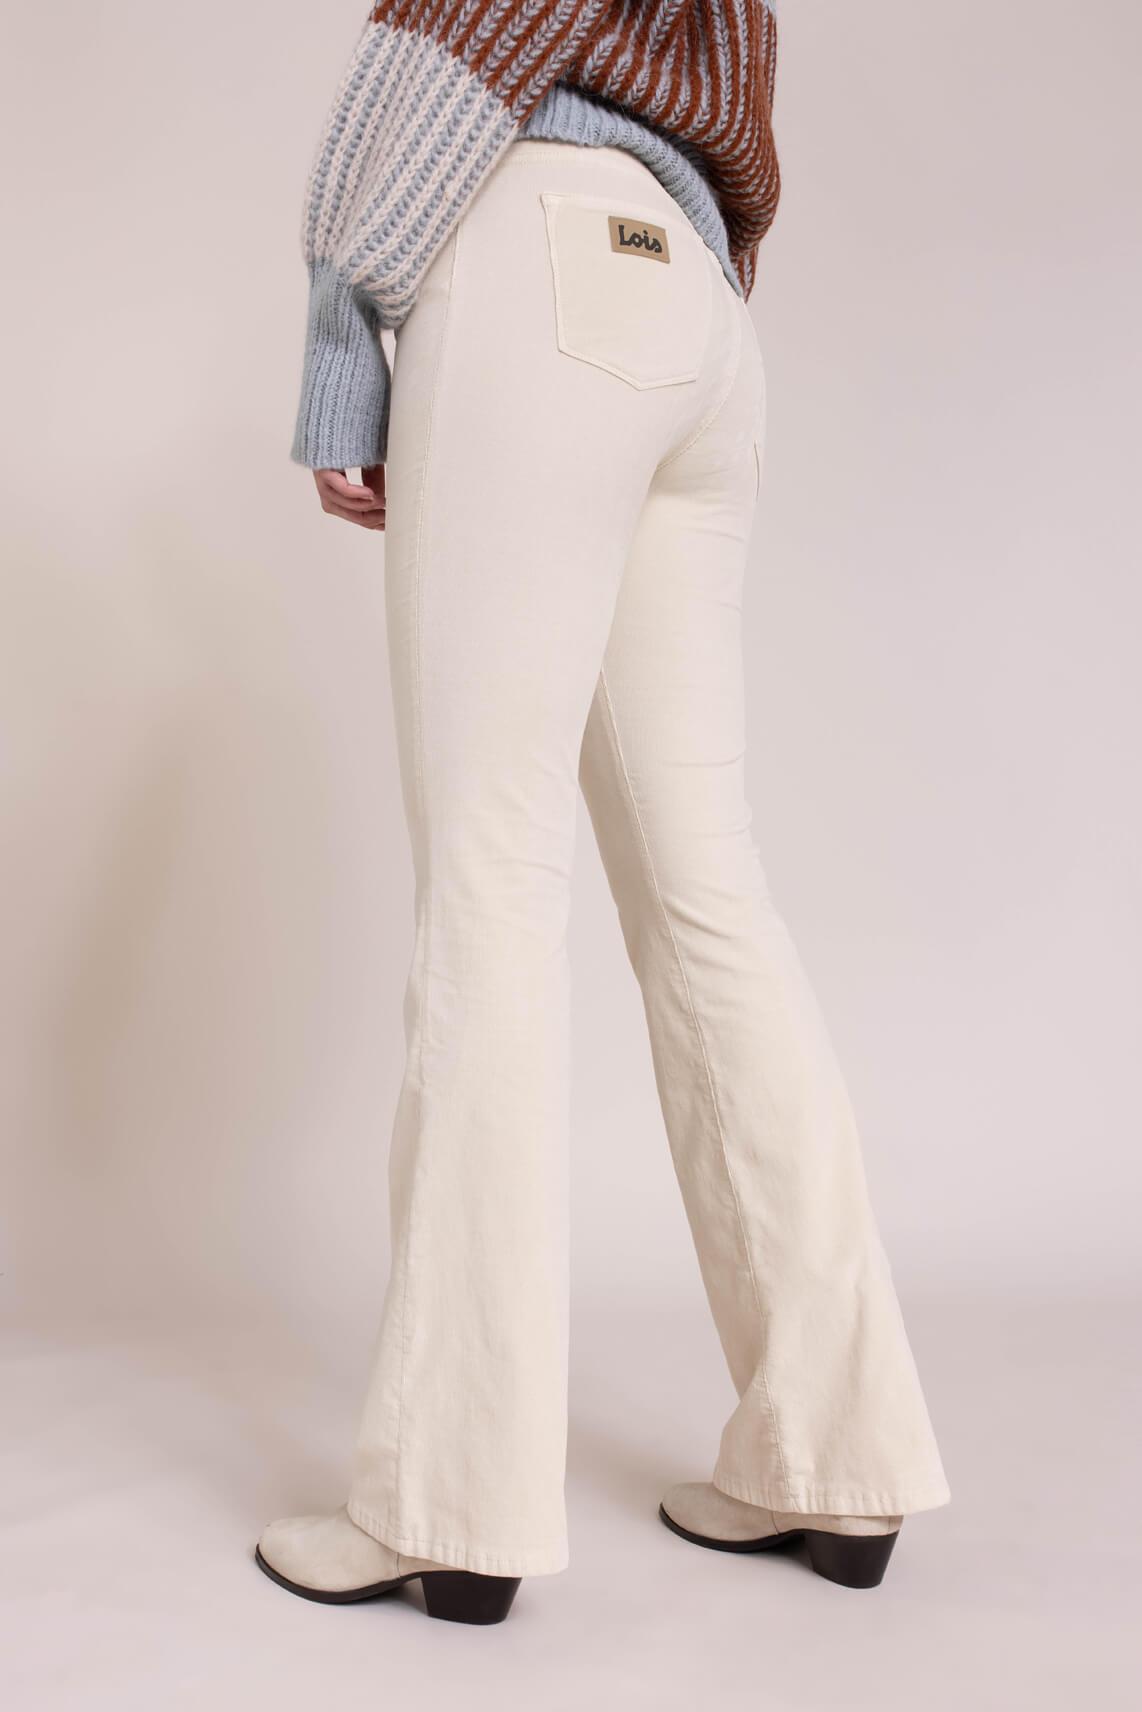 Lois Dames L34 Raval jeans Wit